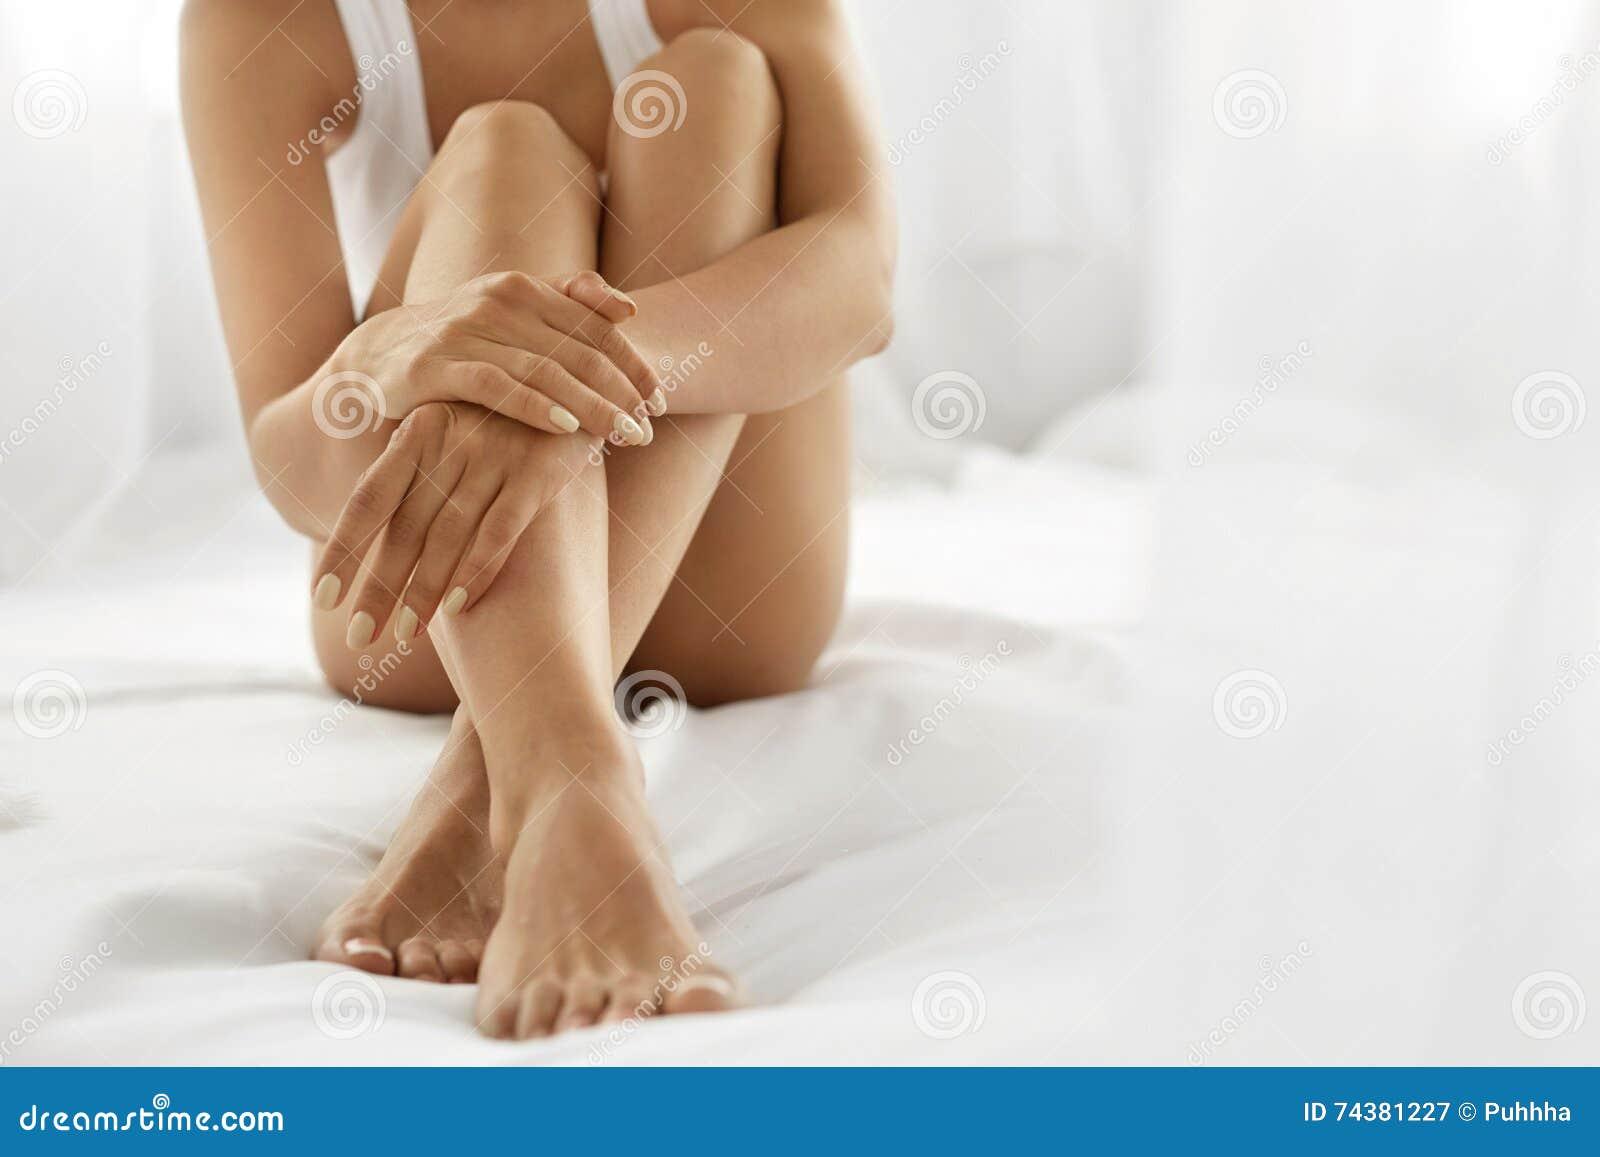 Vrouwenlichaamsverzorging Sluit omhoog van Lange Benen met Zachte Huid en Handen